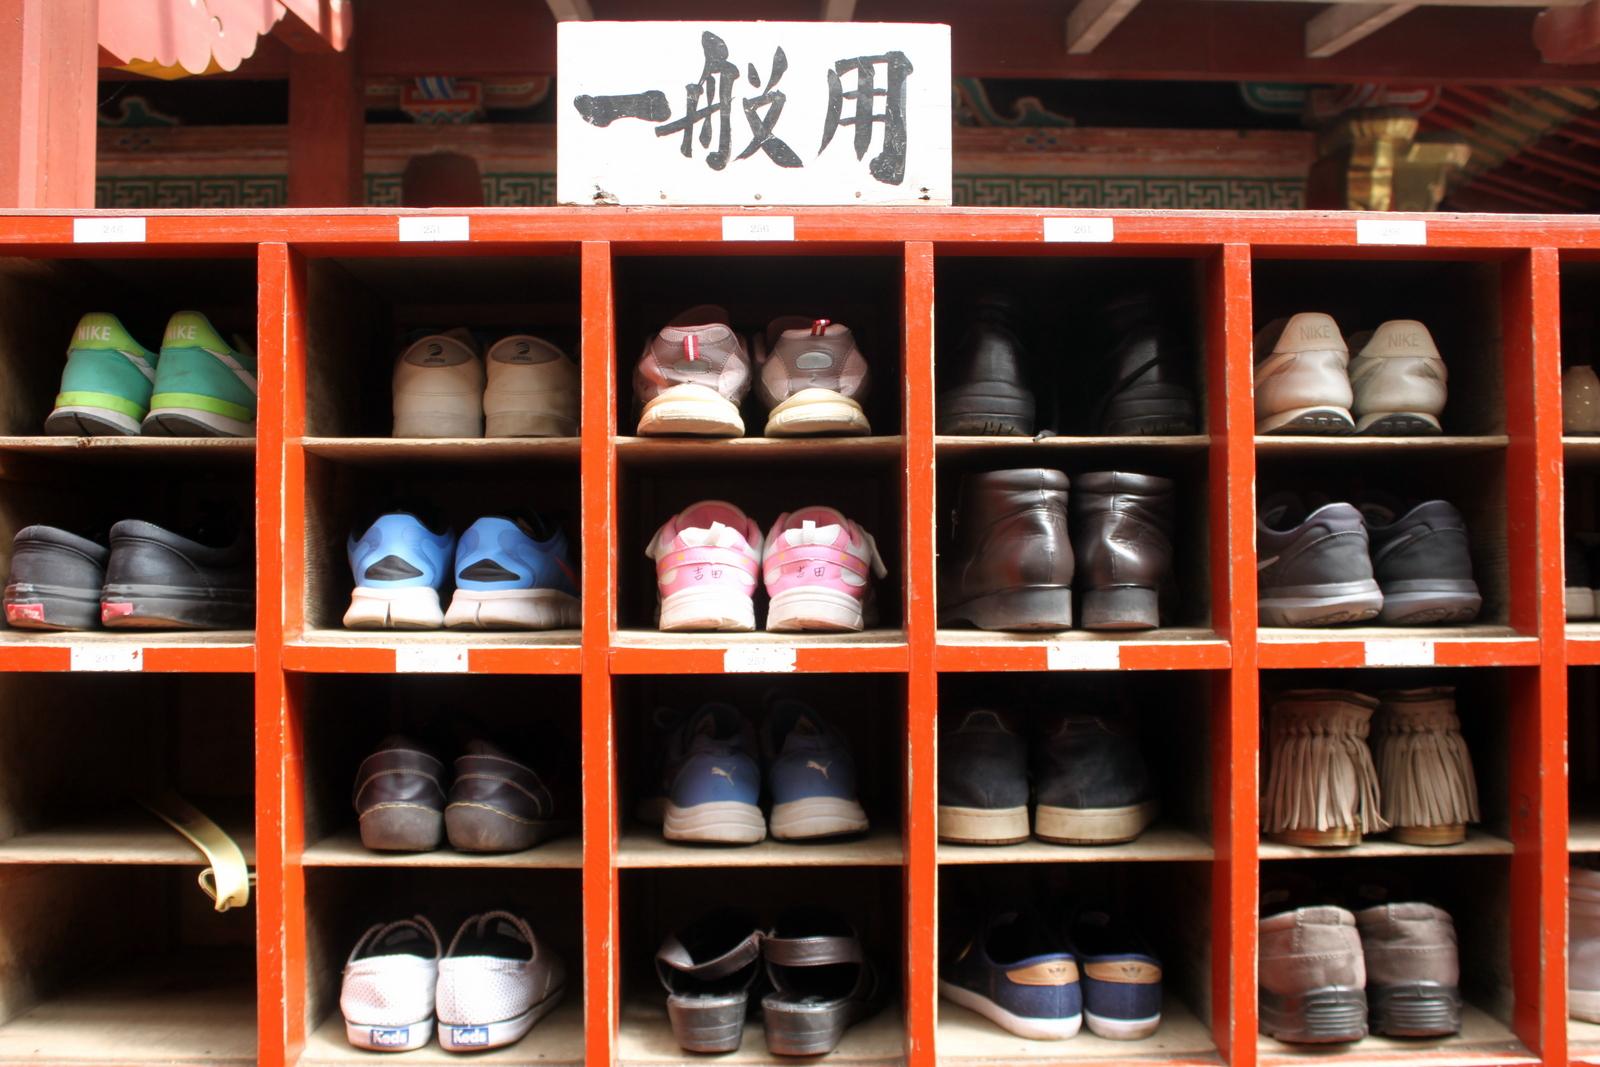 Bitte Schuhe ausziehen